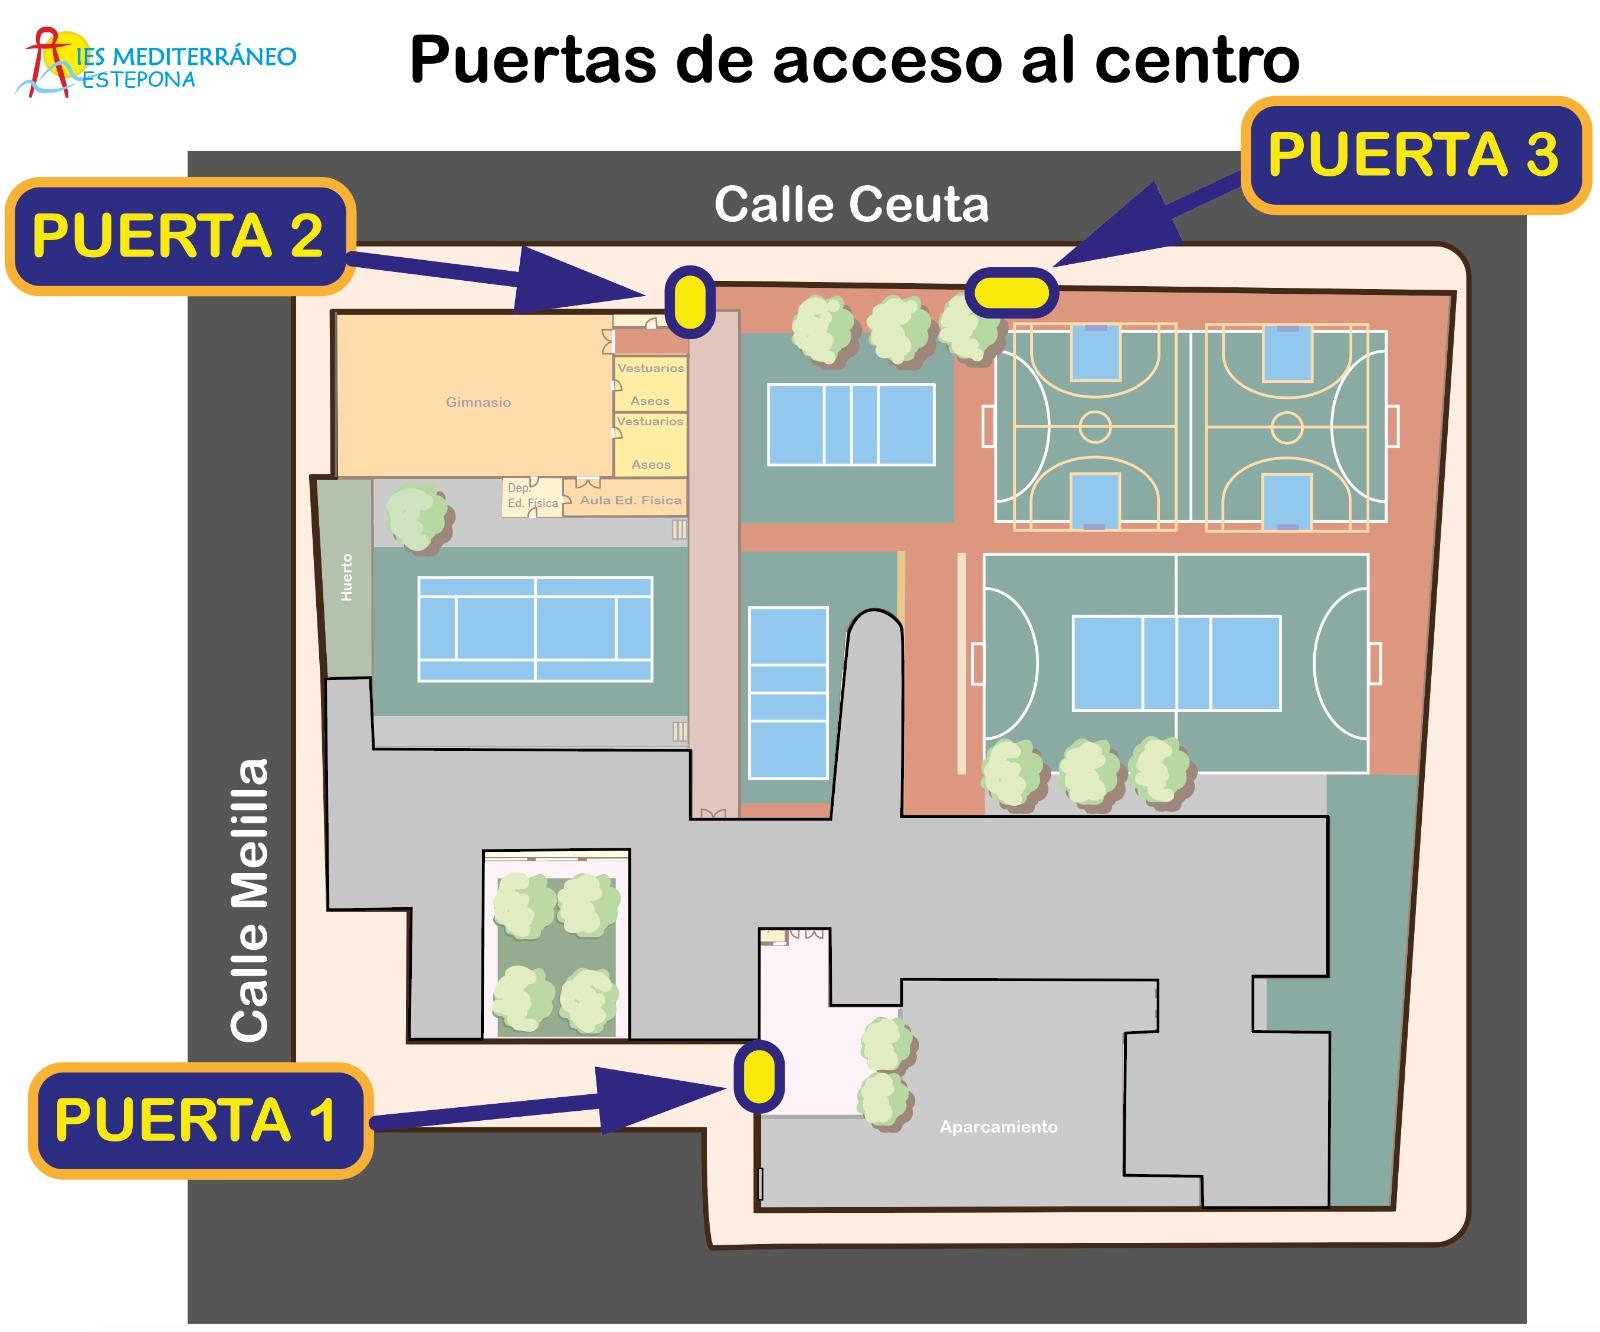 Imagen de la noticia: Puertas de acceso al centro